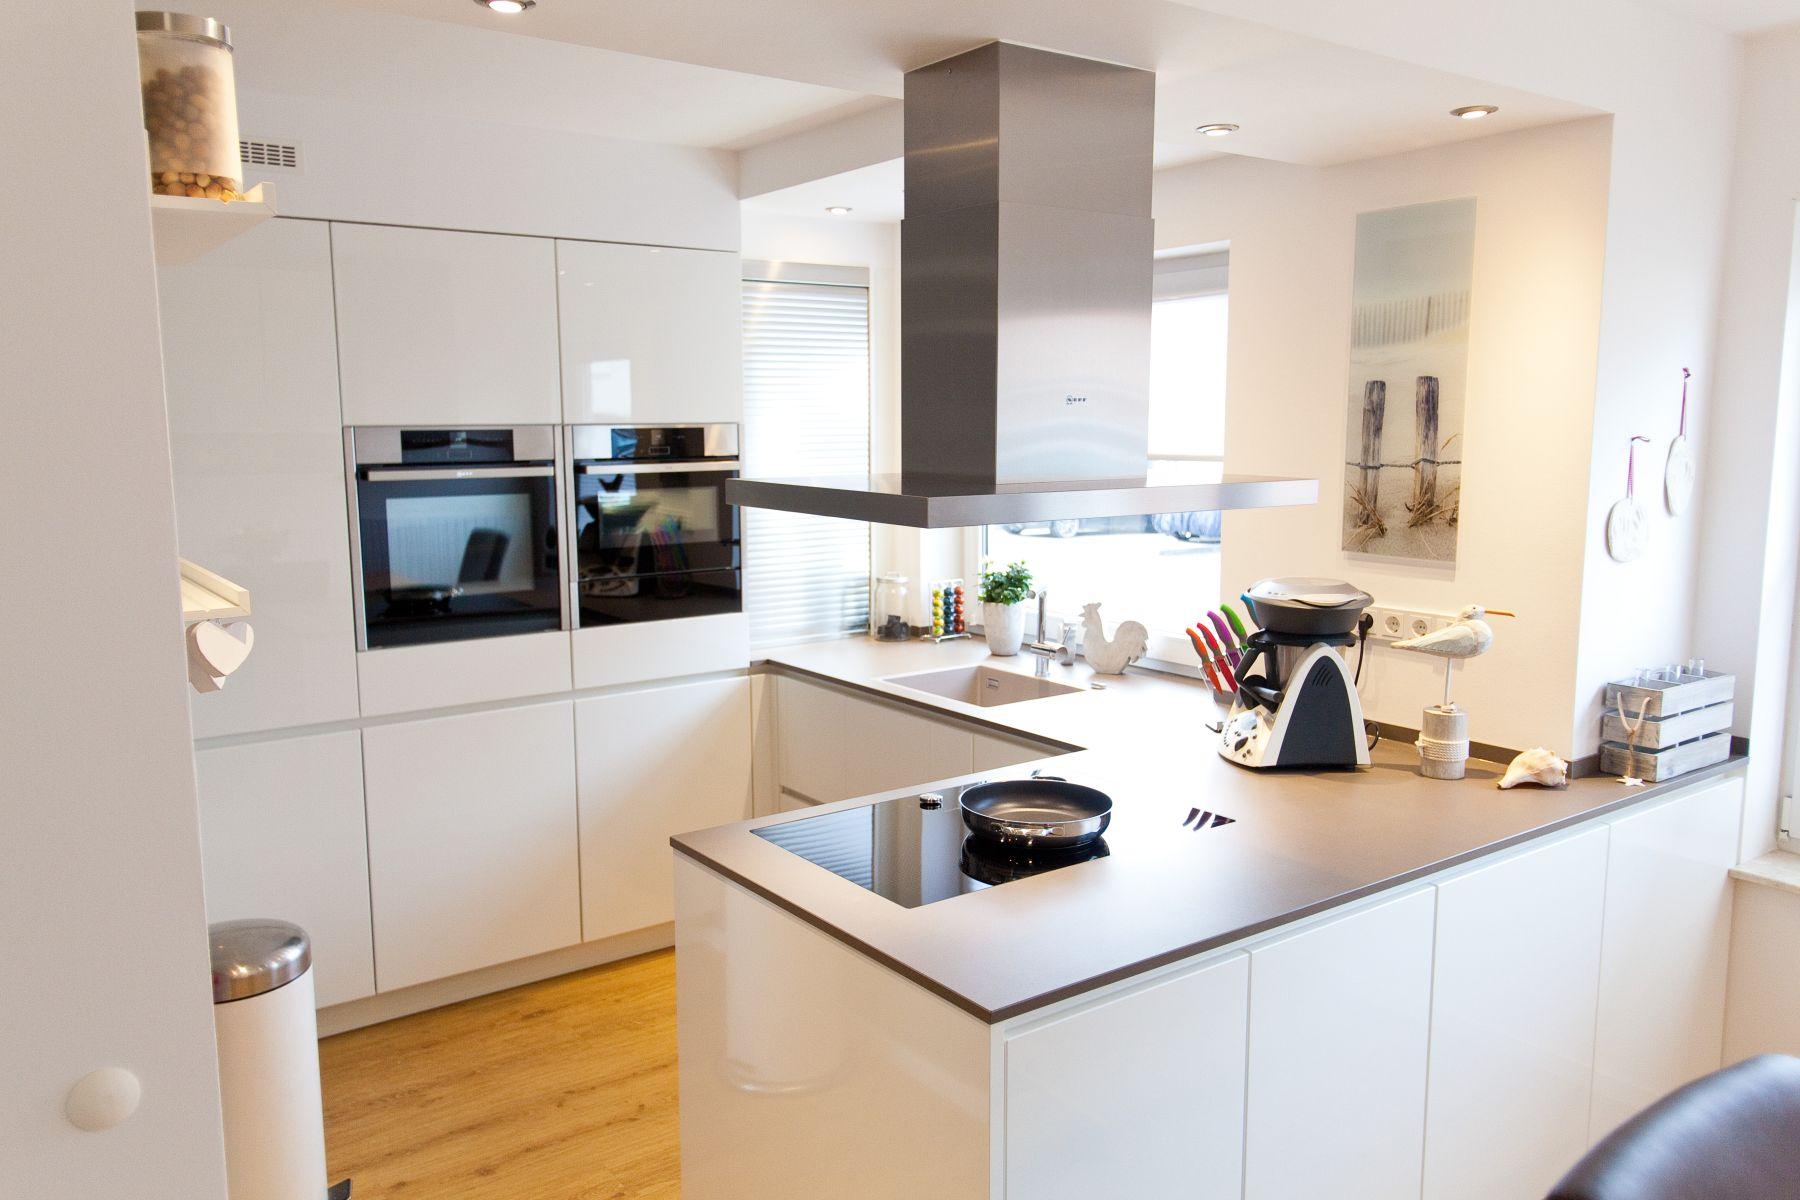 granit arbeitsplatte auf weißer küche im modernen design mit neff